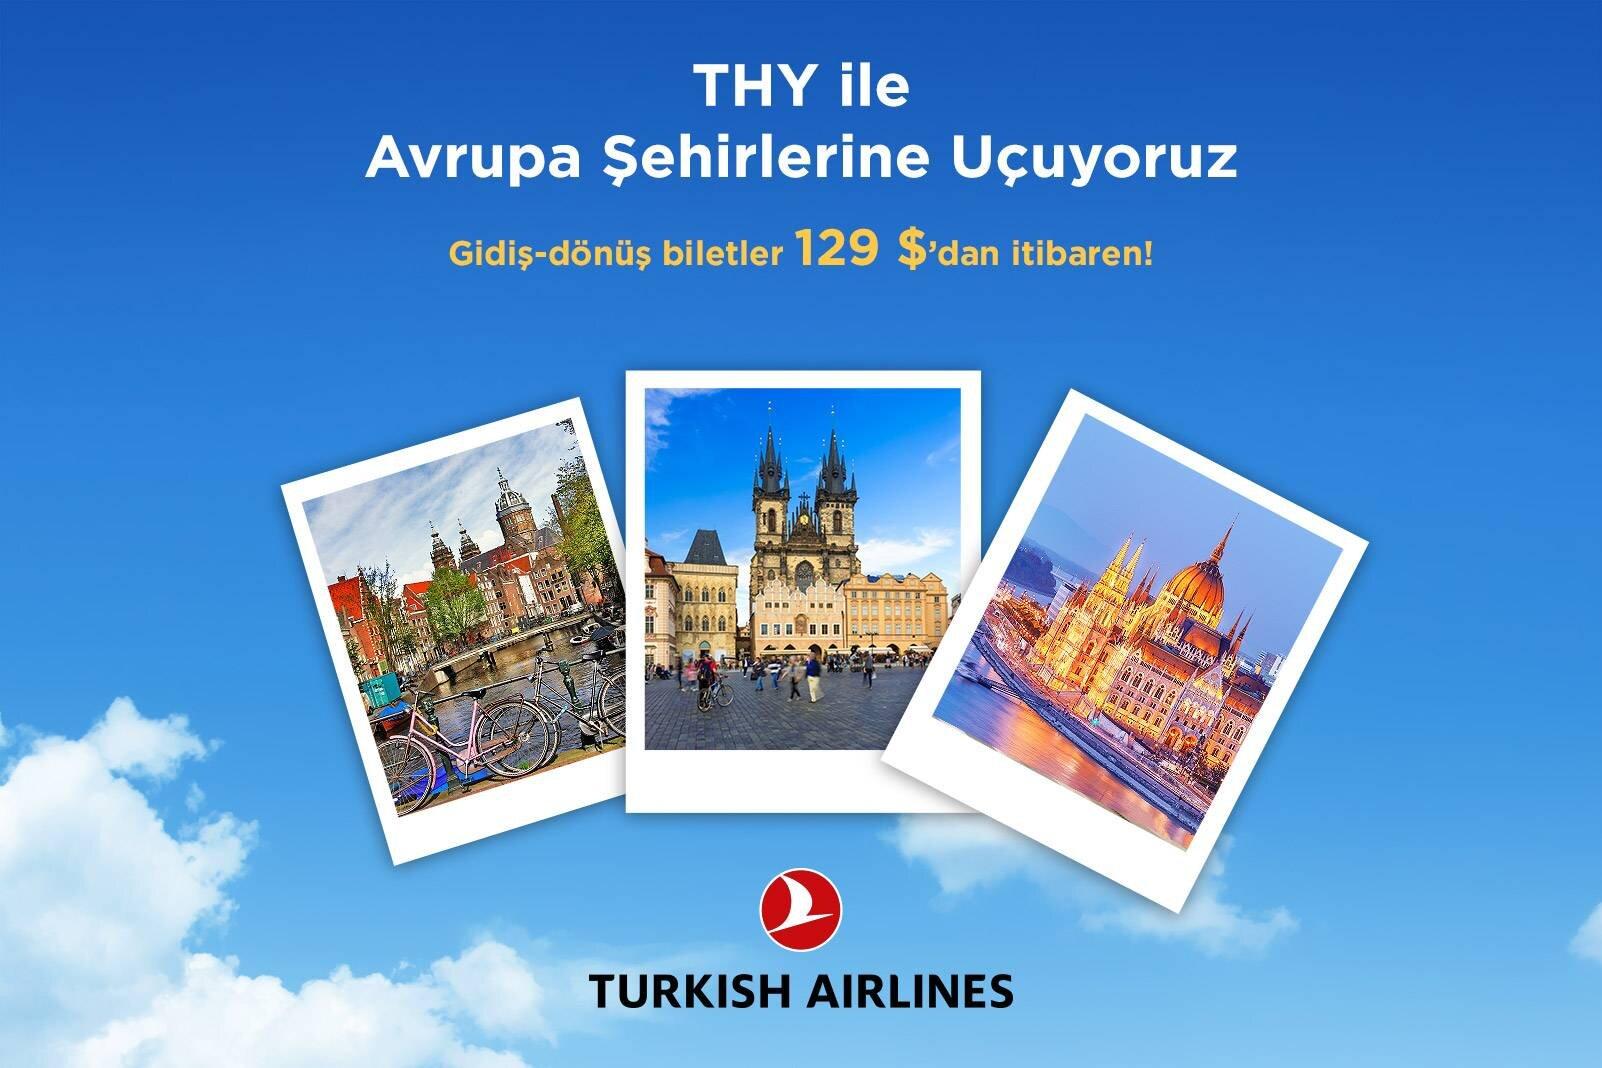 THY ile Orta Avrupa'ya Avantajlı Fiyatlarla Uçun!